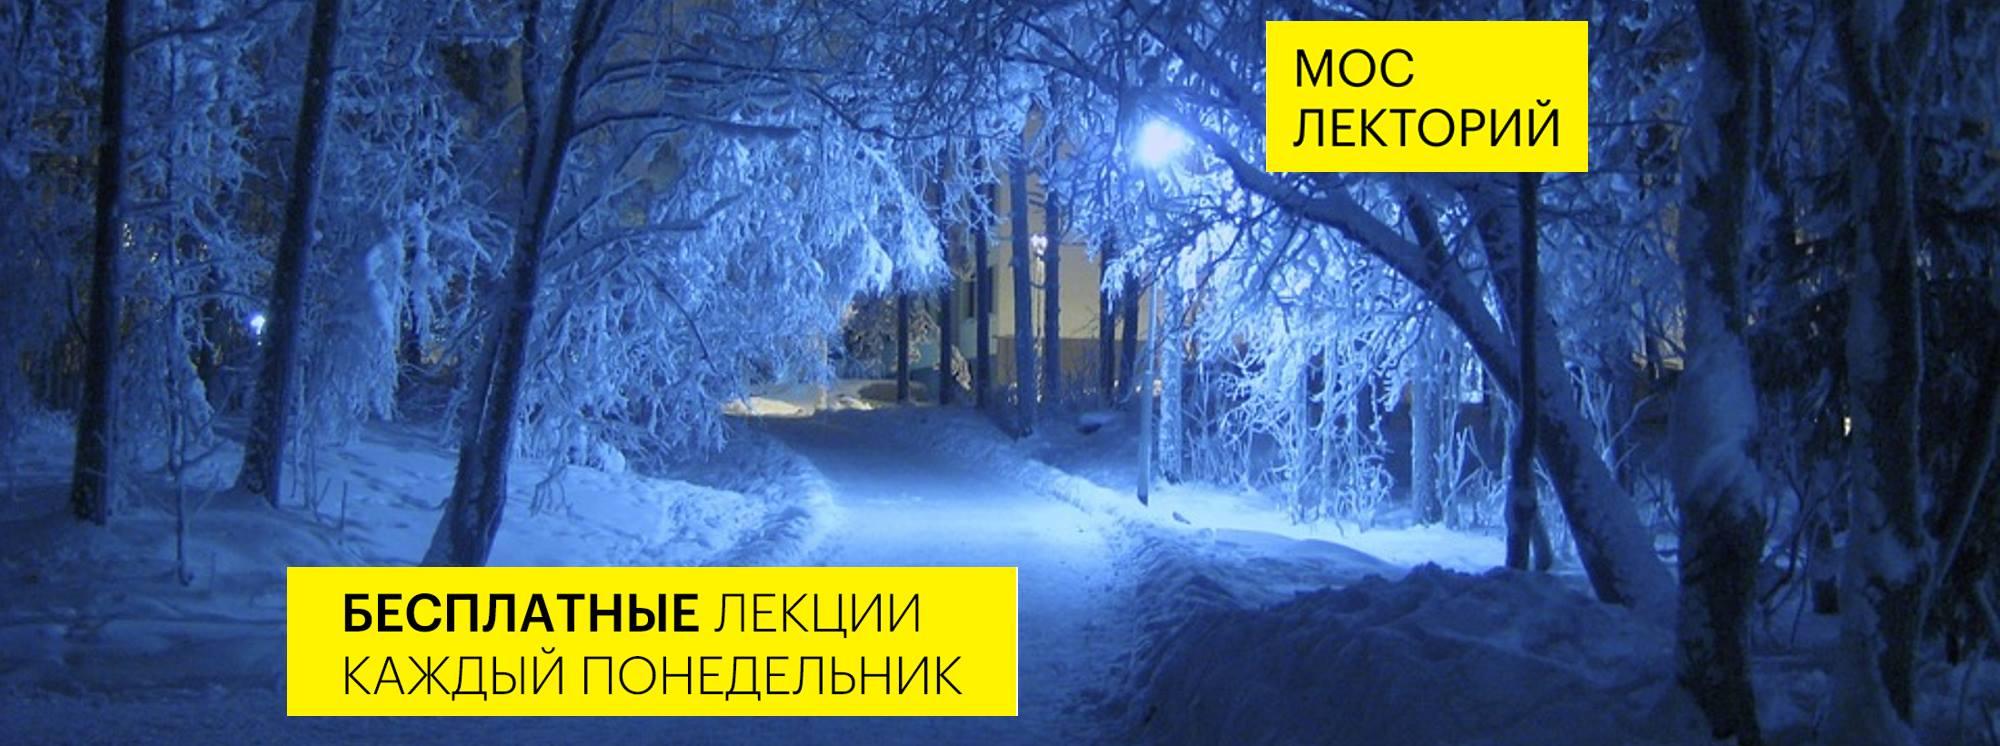 Первая вновом году лекция проекта «Мослекторий».